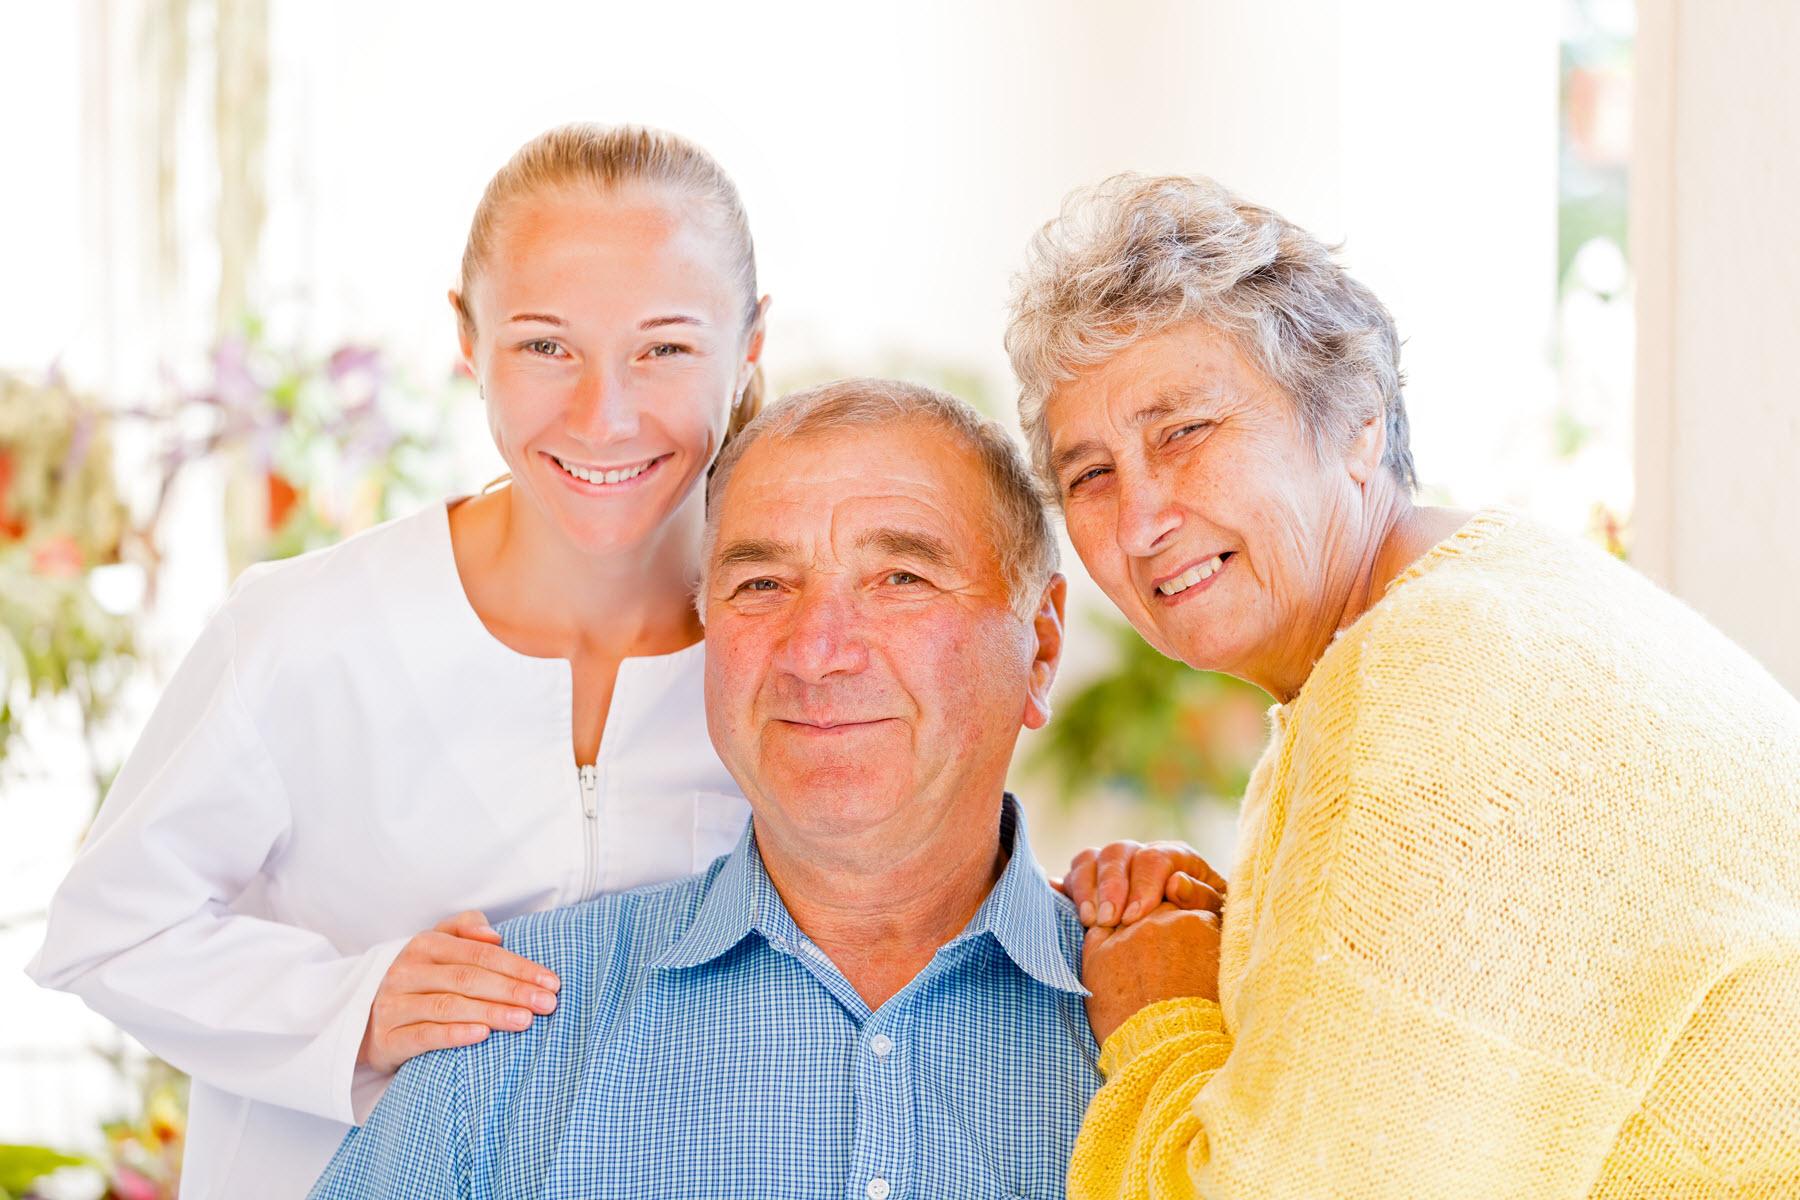 Home Health Care in Lincoln CA: Respite Care Plan